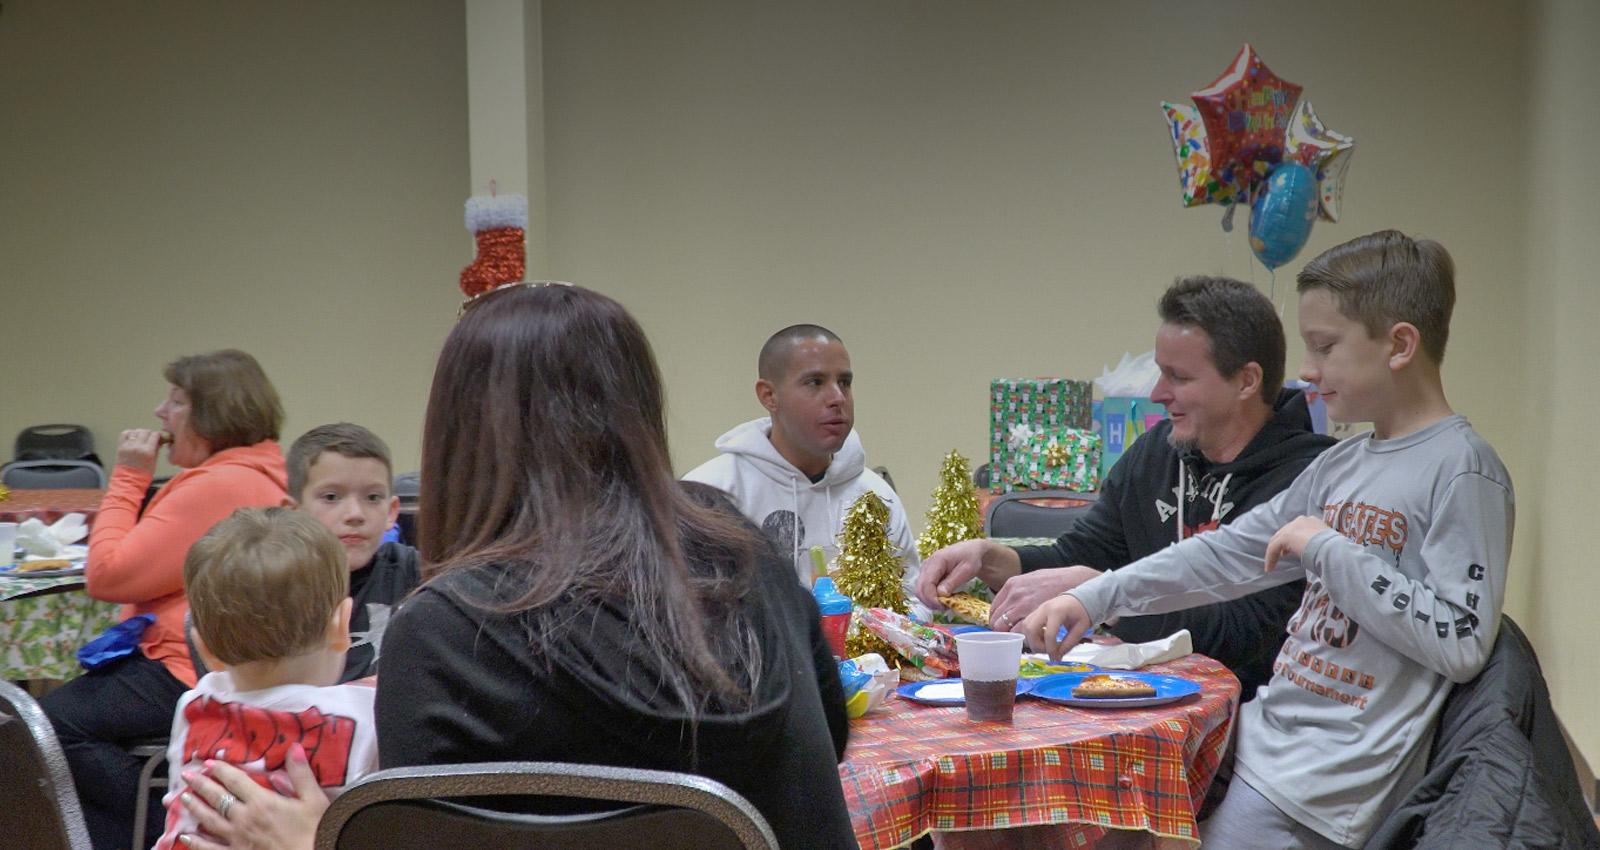 Birthday Party at Princess Lanes Bowling Center